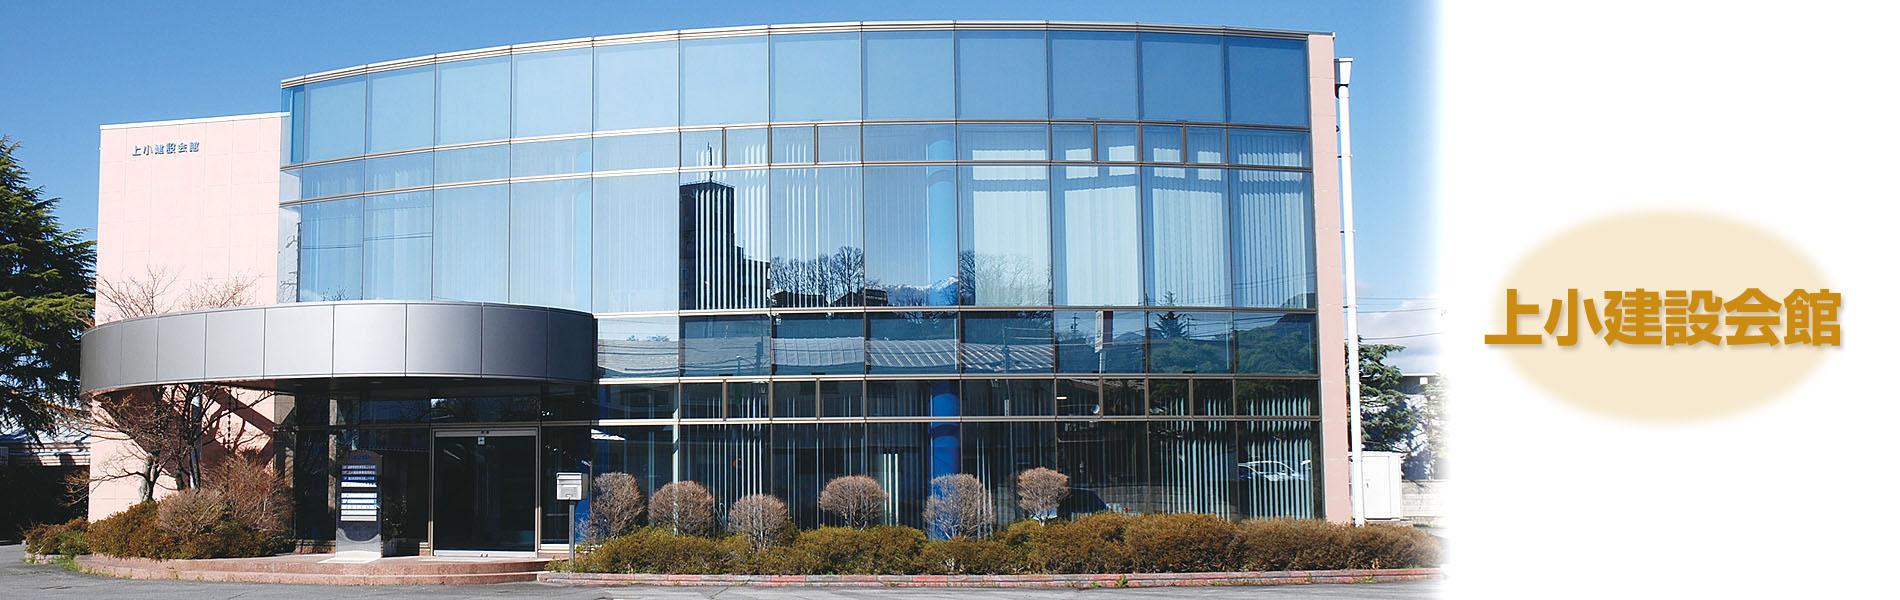 長野県建設業協会 上小支部 上小建設会館